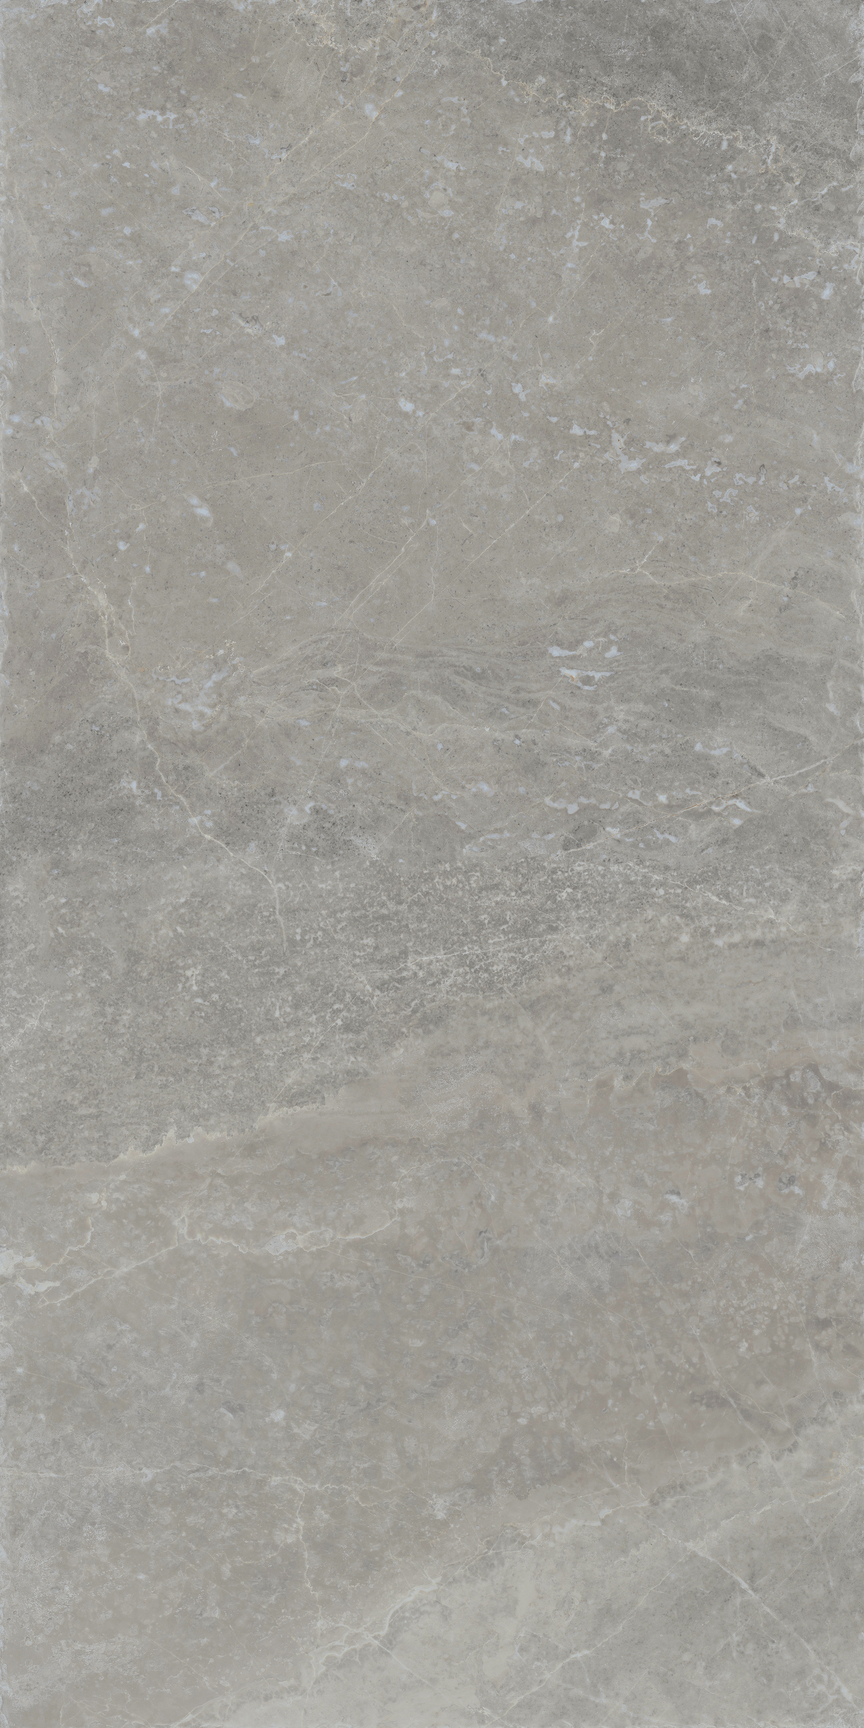 Loft Floor/Wall Tile 24x48